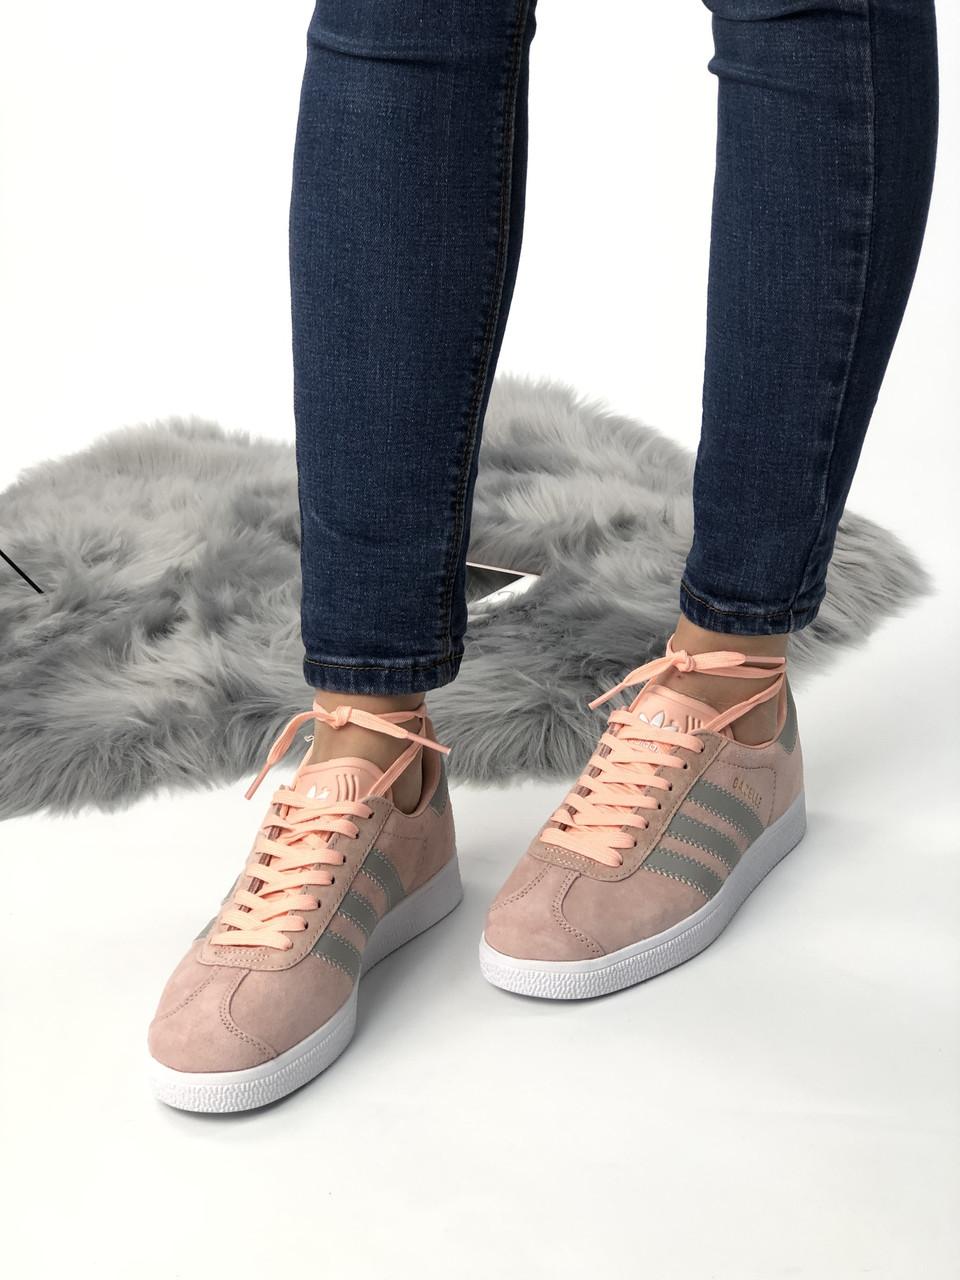 Кроссовки женские  Adidas Gazele из натуральной замши